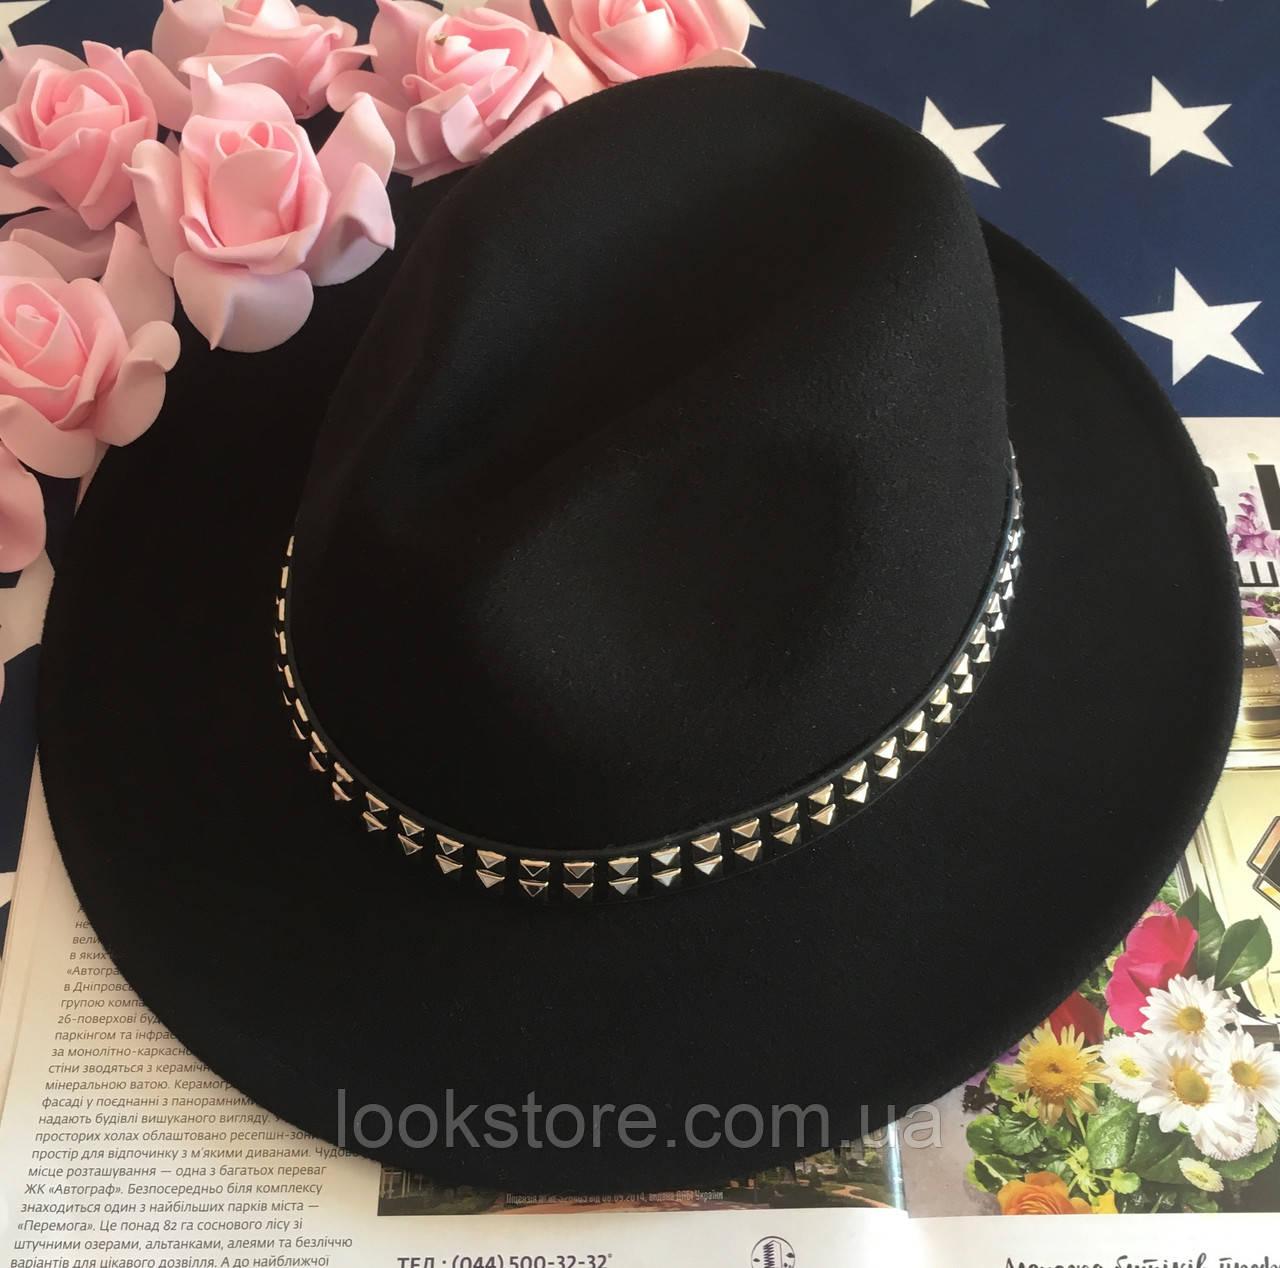 Шляпа Федора унисекс с устойчивыми полями с шипами черная